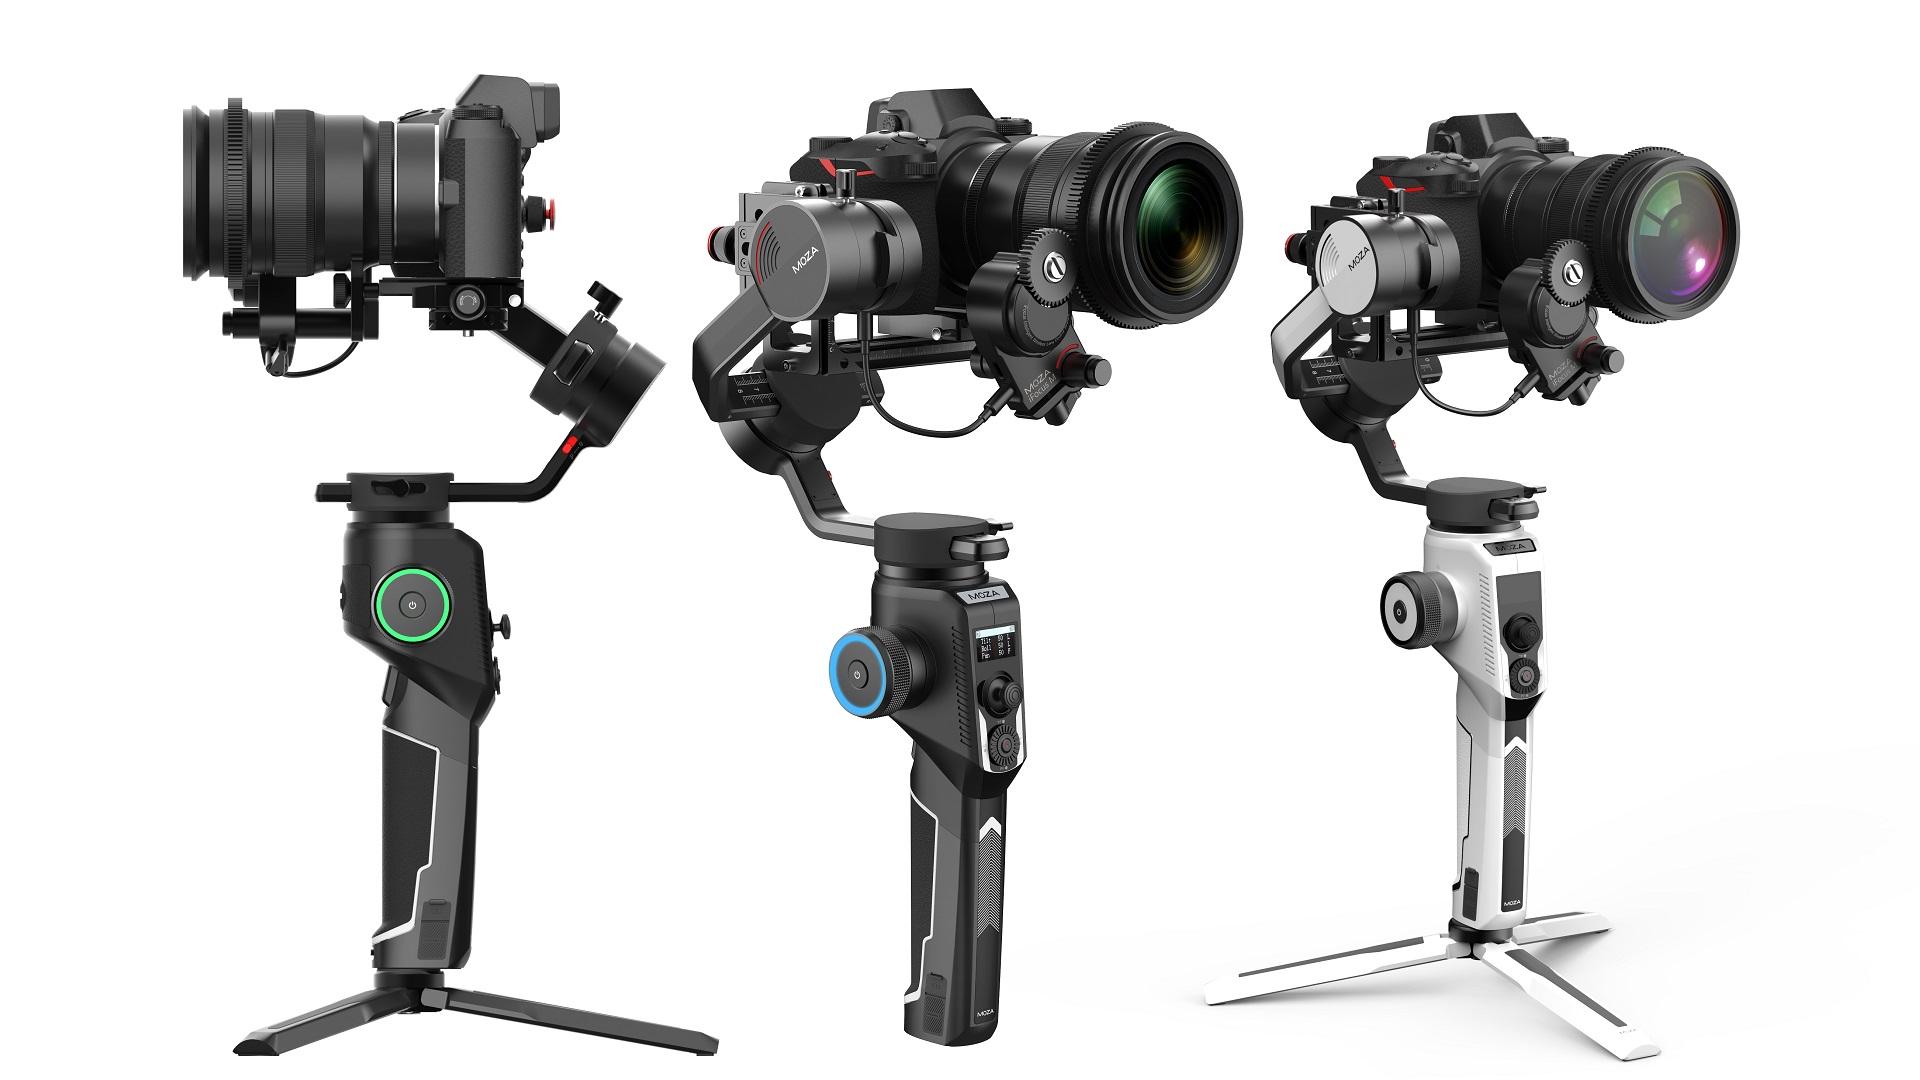 MOZA AirCross 2の予約販売が開始 - 軽量ながら最大3.2kgのカメラを搭載できるジンバル